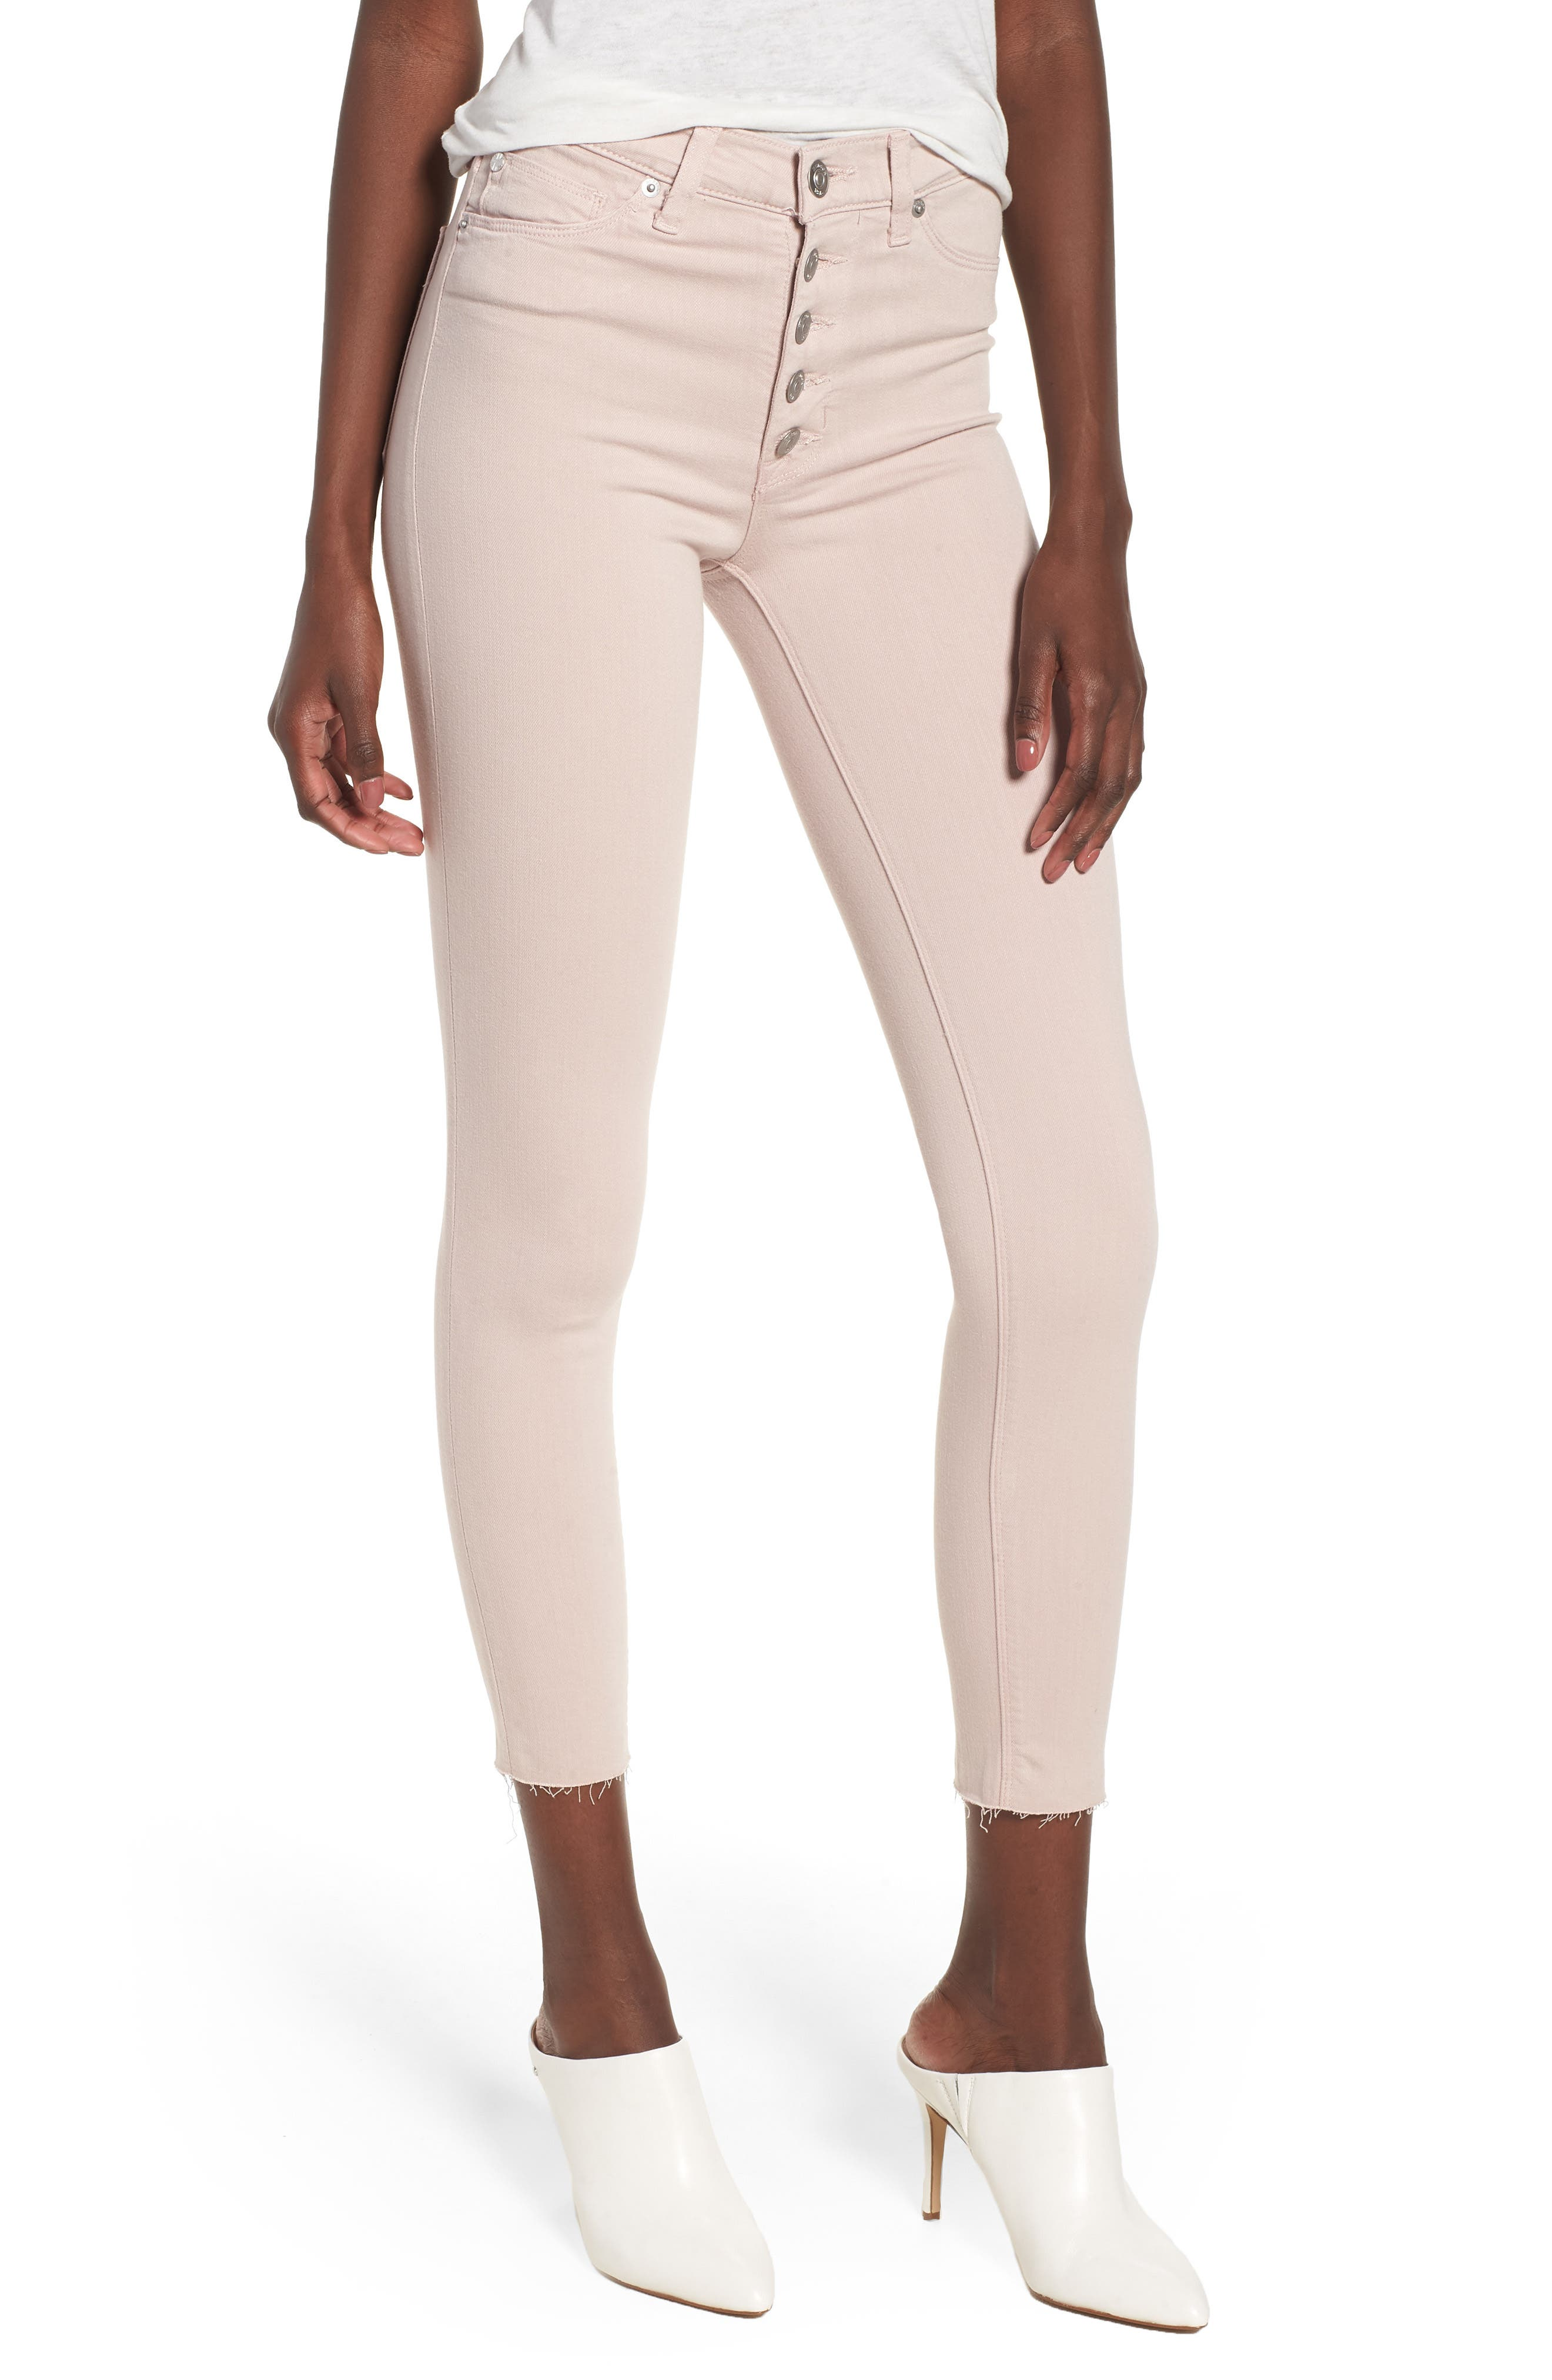 Hudson Jeans Barbara High Waist Raw Hem Ankle Skinny Jeans (Blushing)